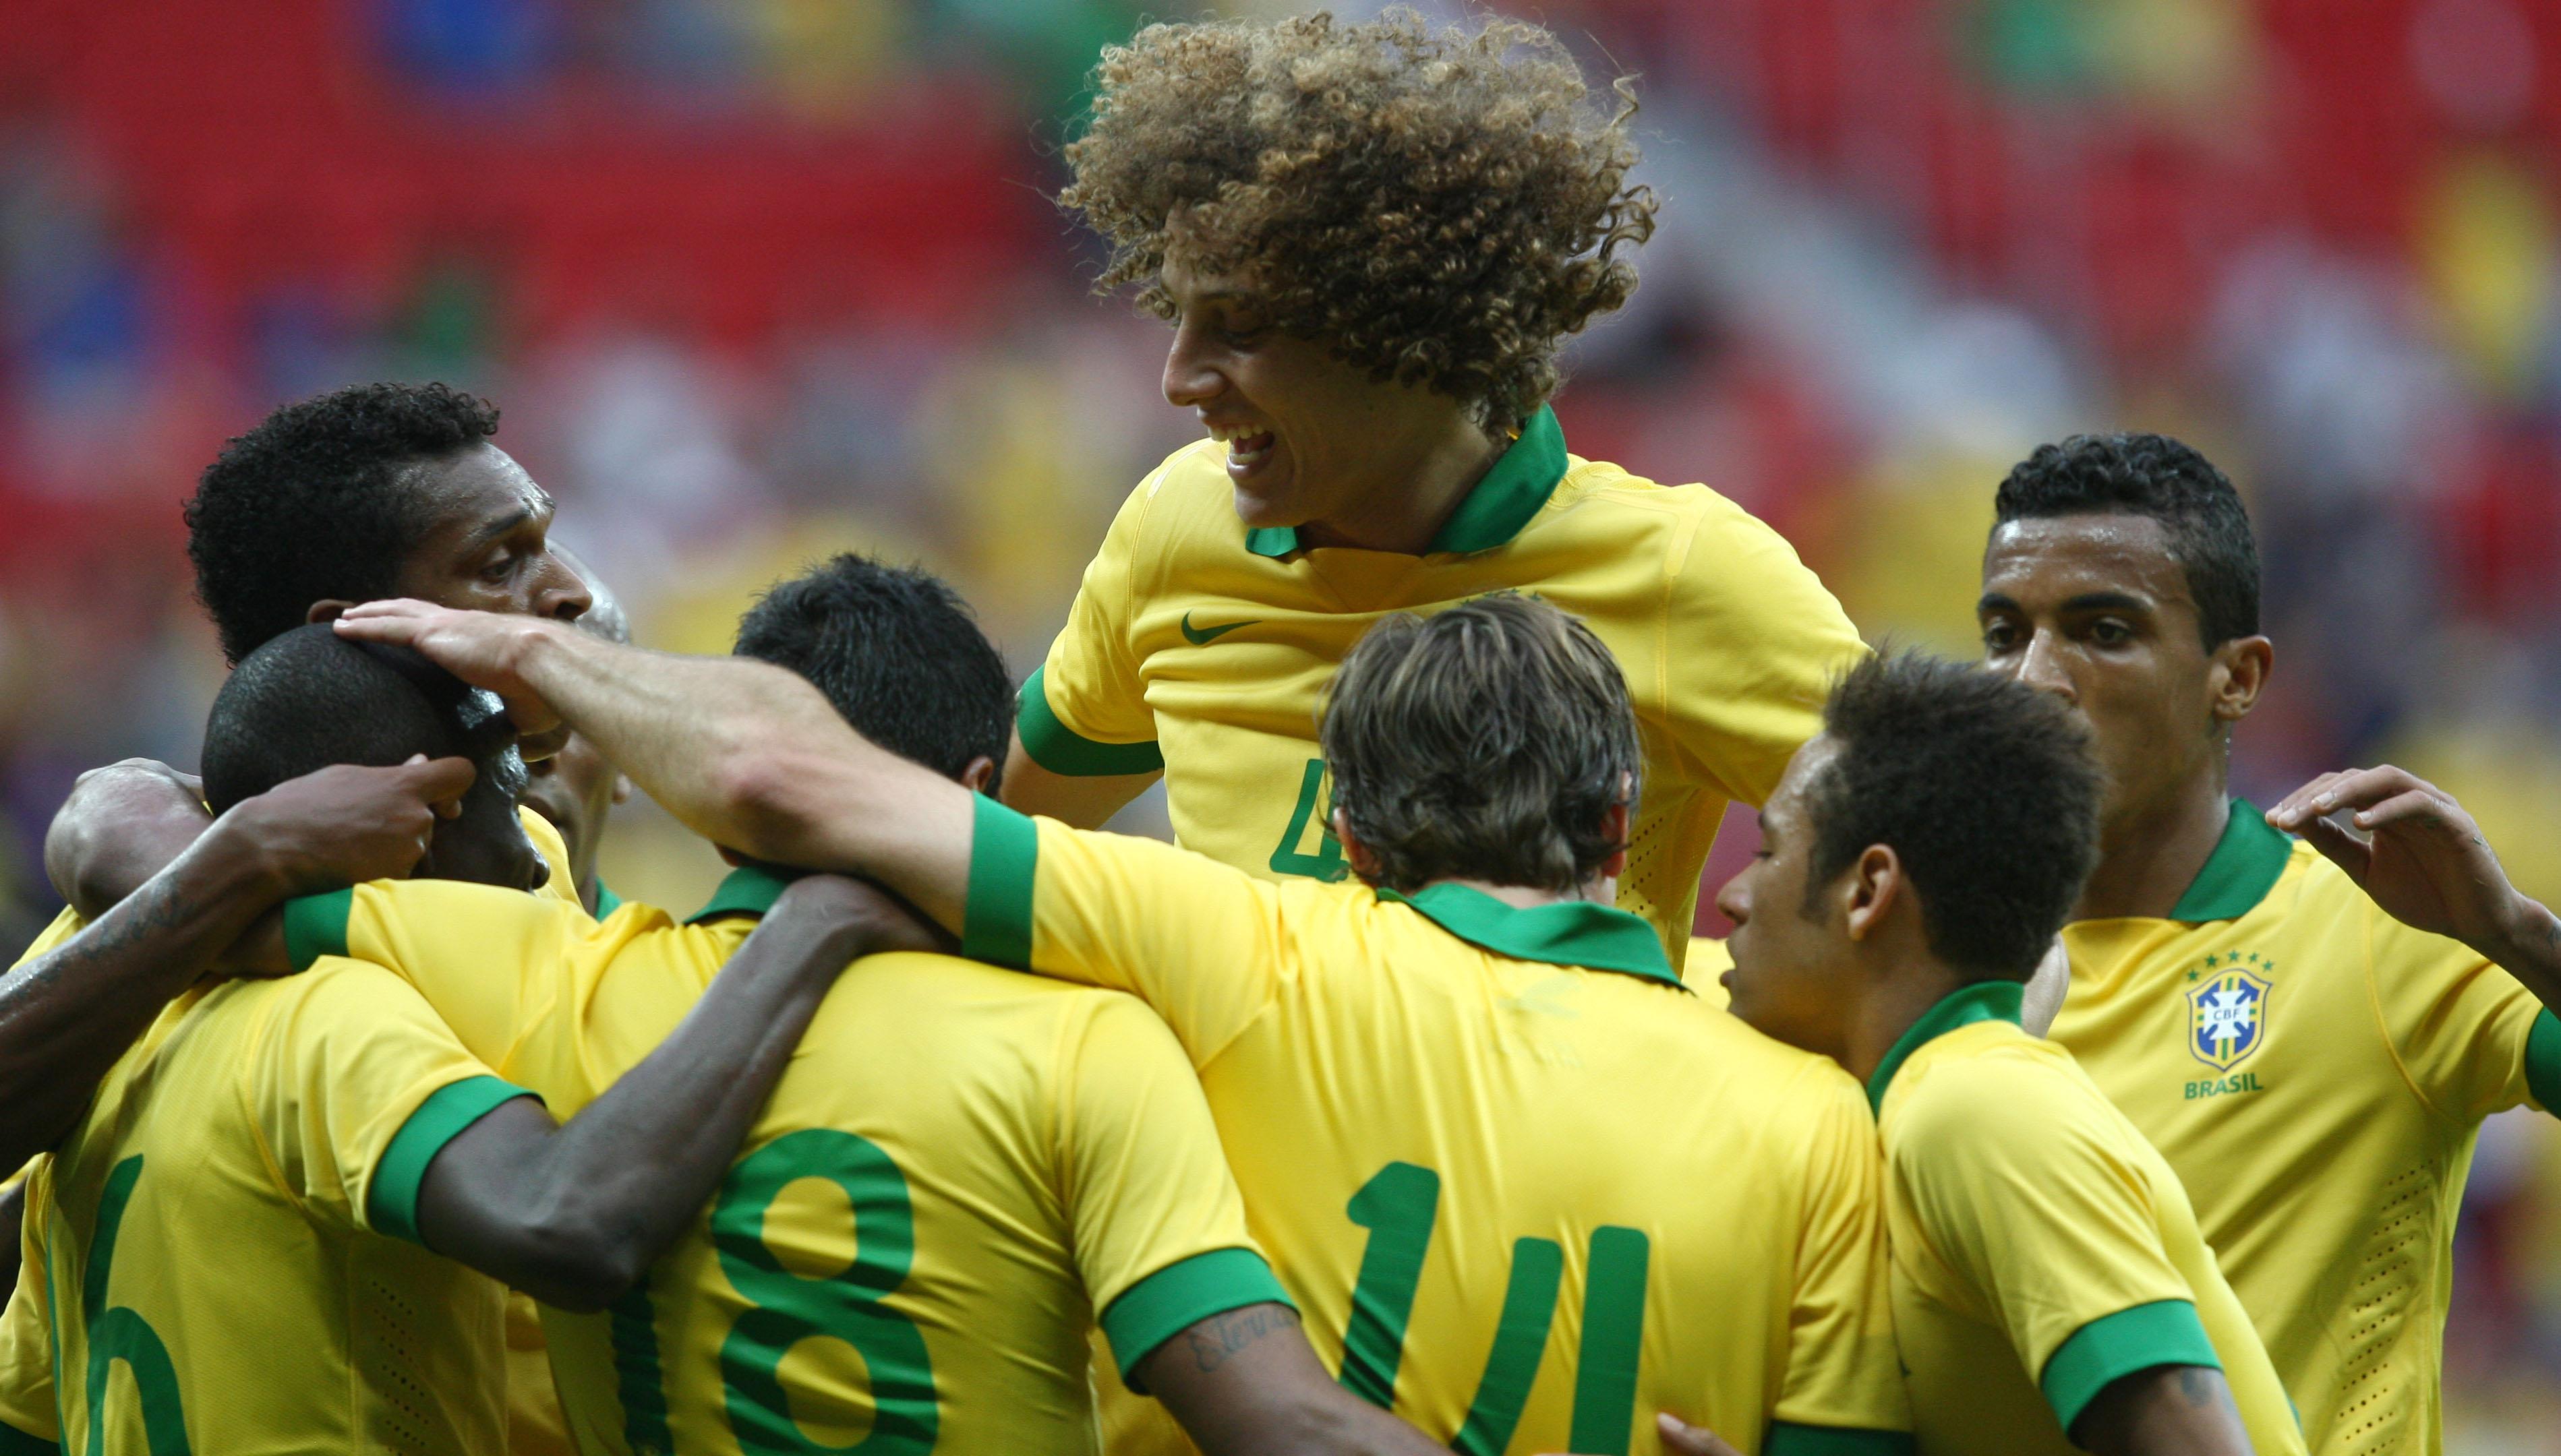 Conheça as seleções confirmadas para Copa 2014 - Fotos - R7 Copa do ... 8b54e61742a7c